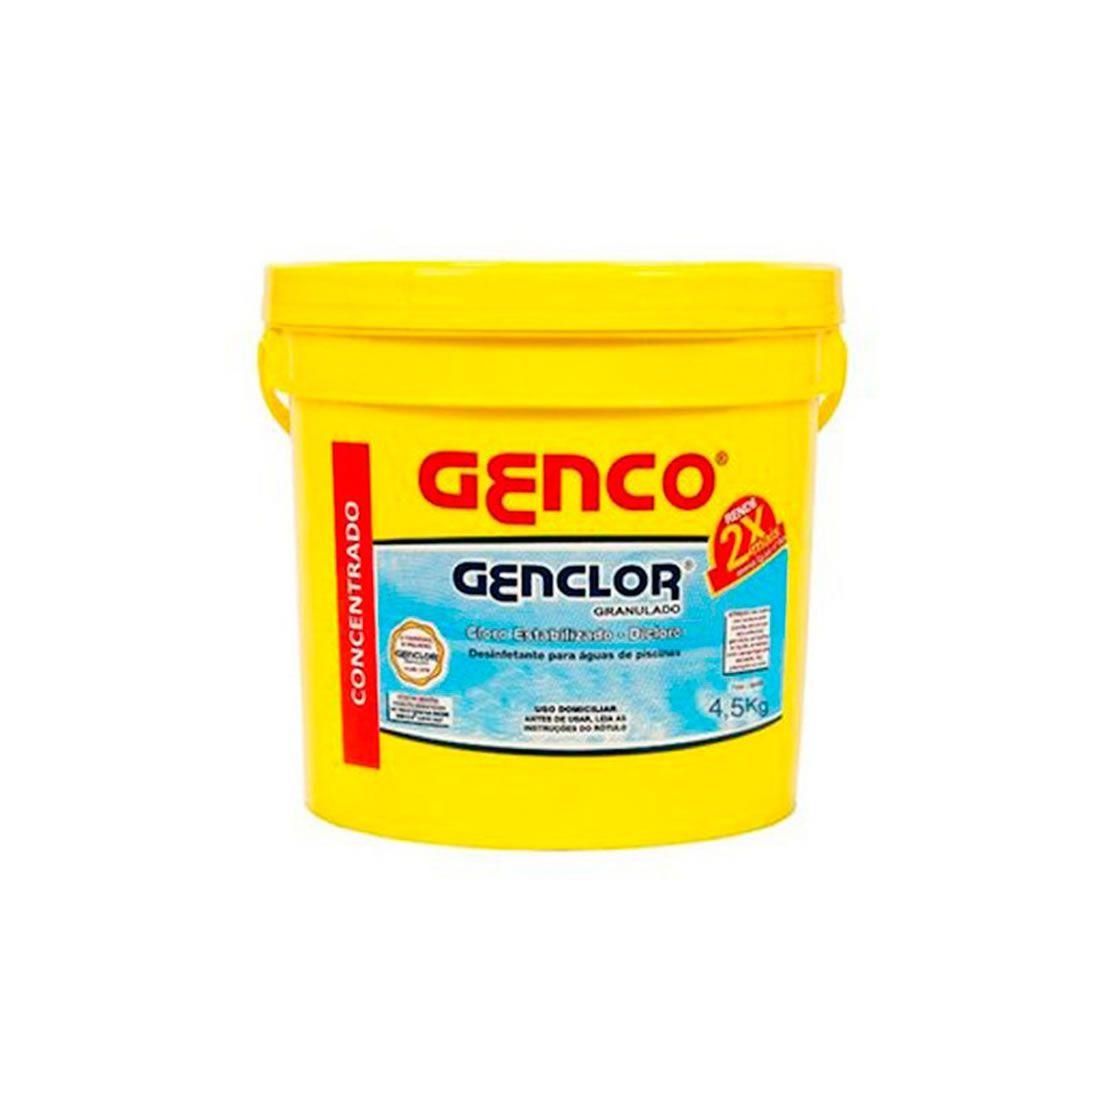 Cloro Estabilizado e Granulado 4,5Kg Genclor Genco